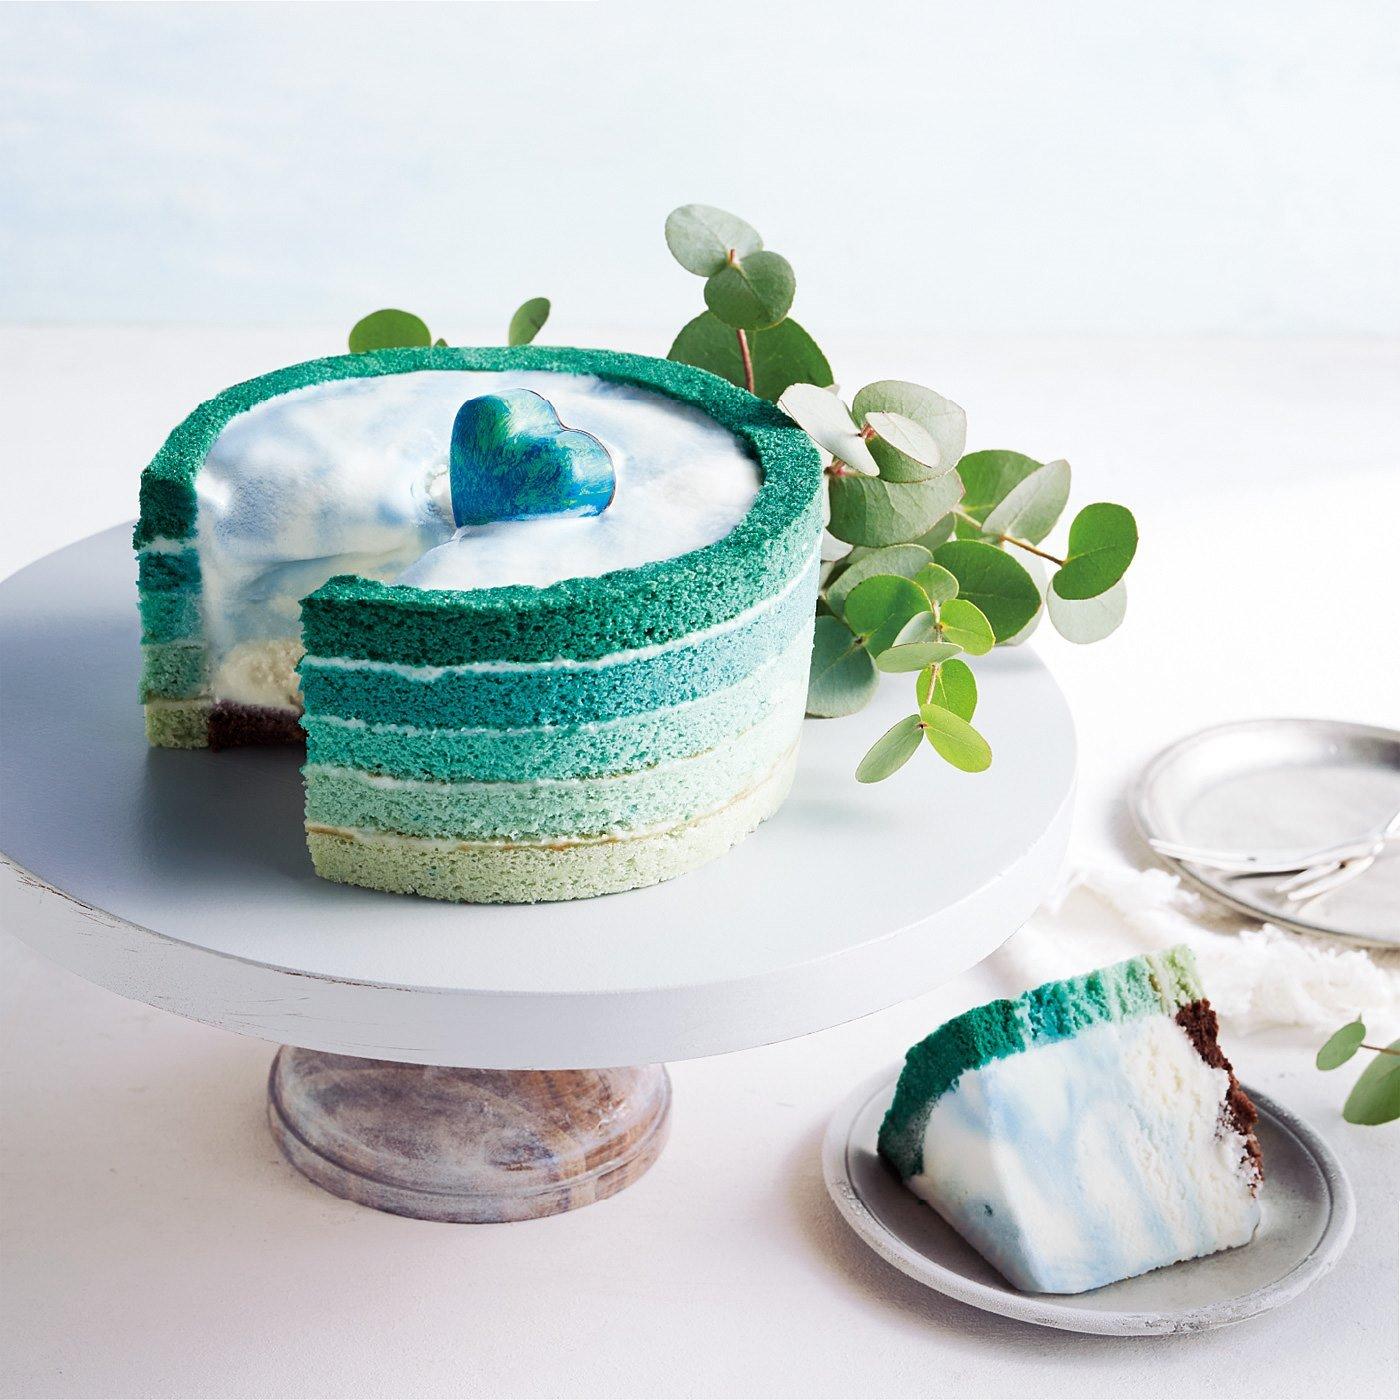 【8月便】スロベニア ベリシュカの青の泉のアイスケーキ